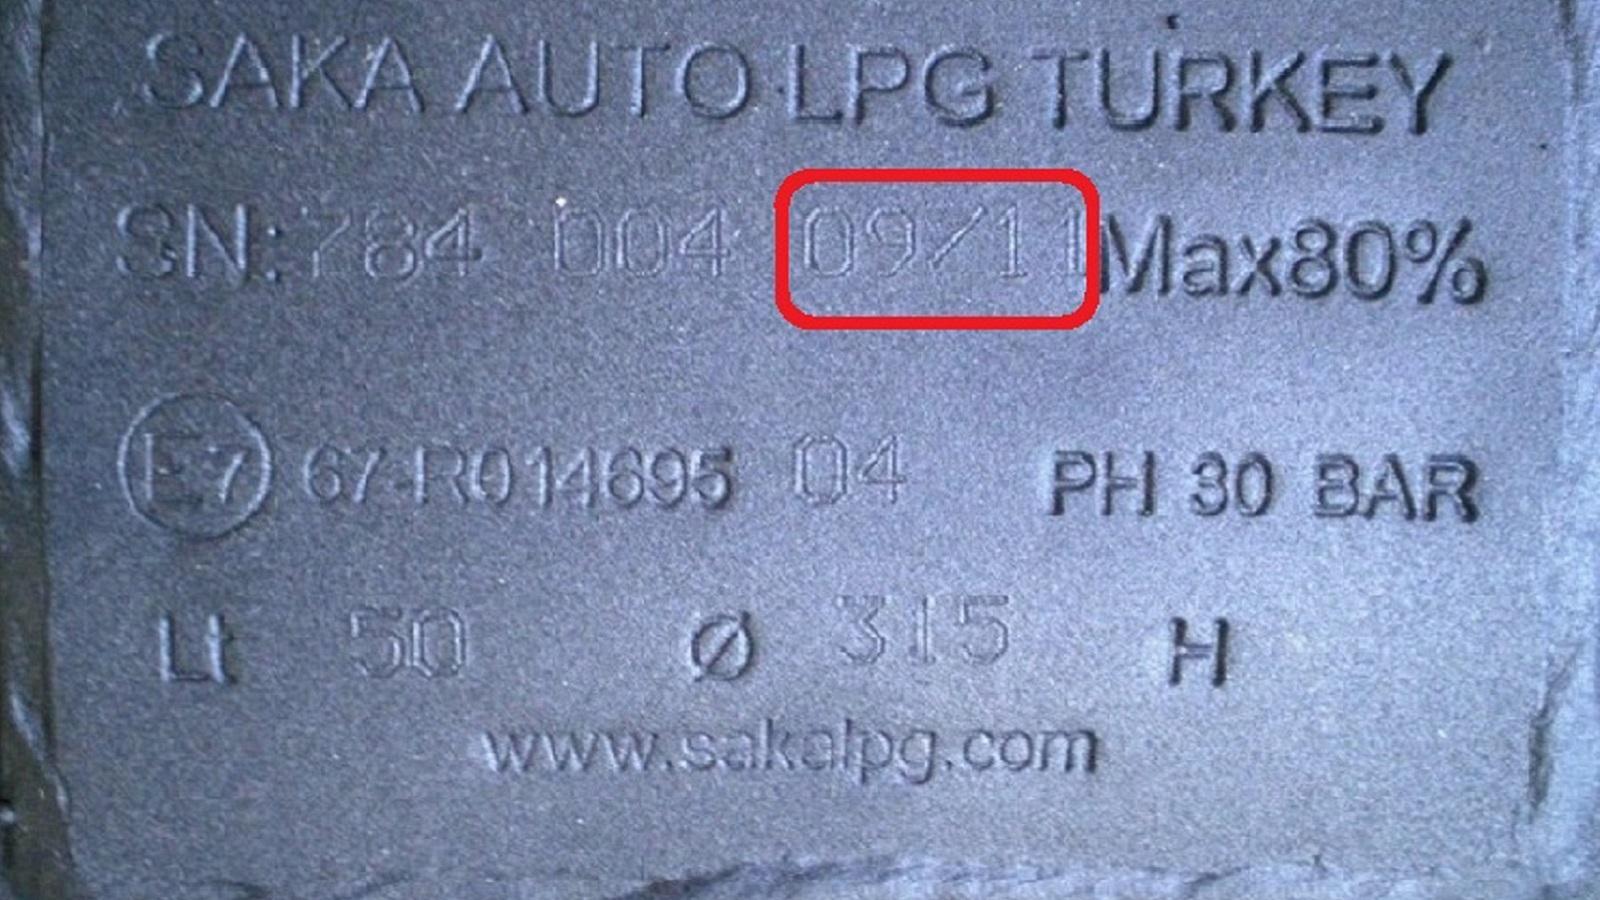 H ημερομηνία κατασκευής της δεξαμενής LPG αναγράφεται στο πινακάκι της με ανάγλυφα νούμερα και γράμματα